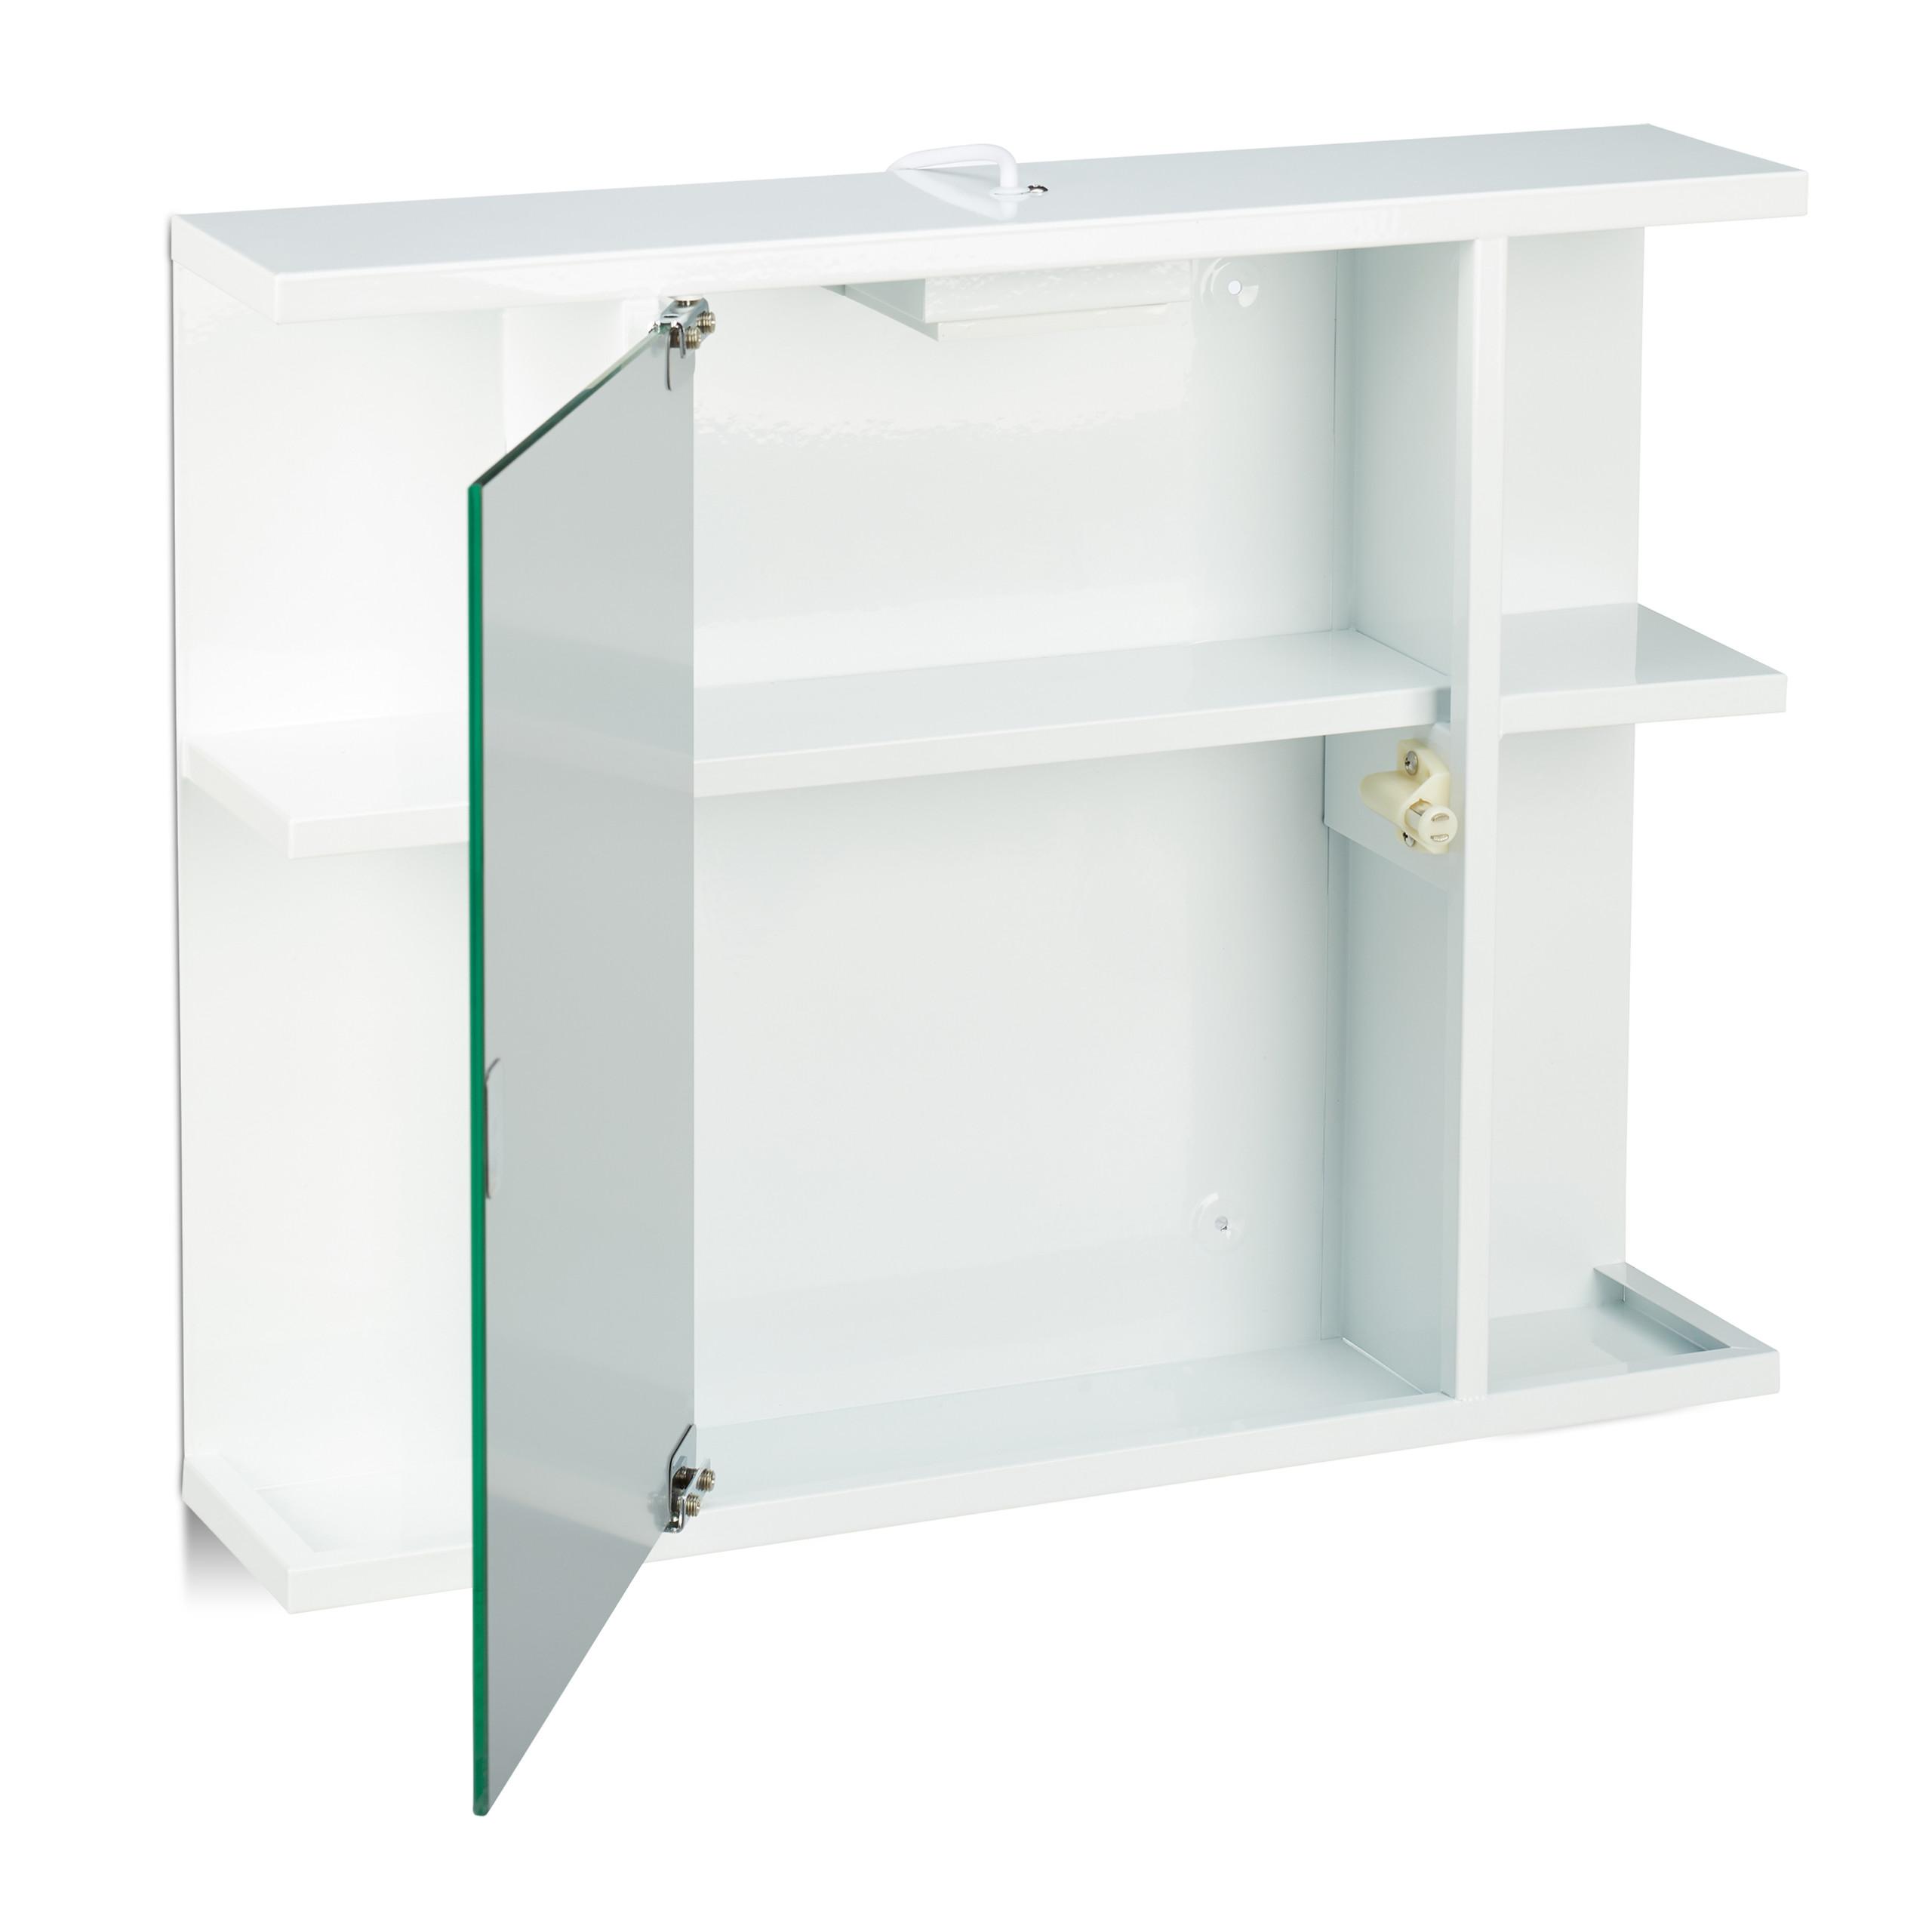 Spiegelschrank Bad Hängeschrank Badspiegel Wandschrank